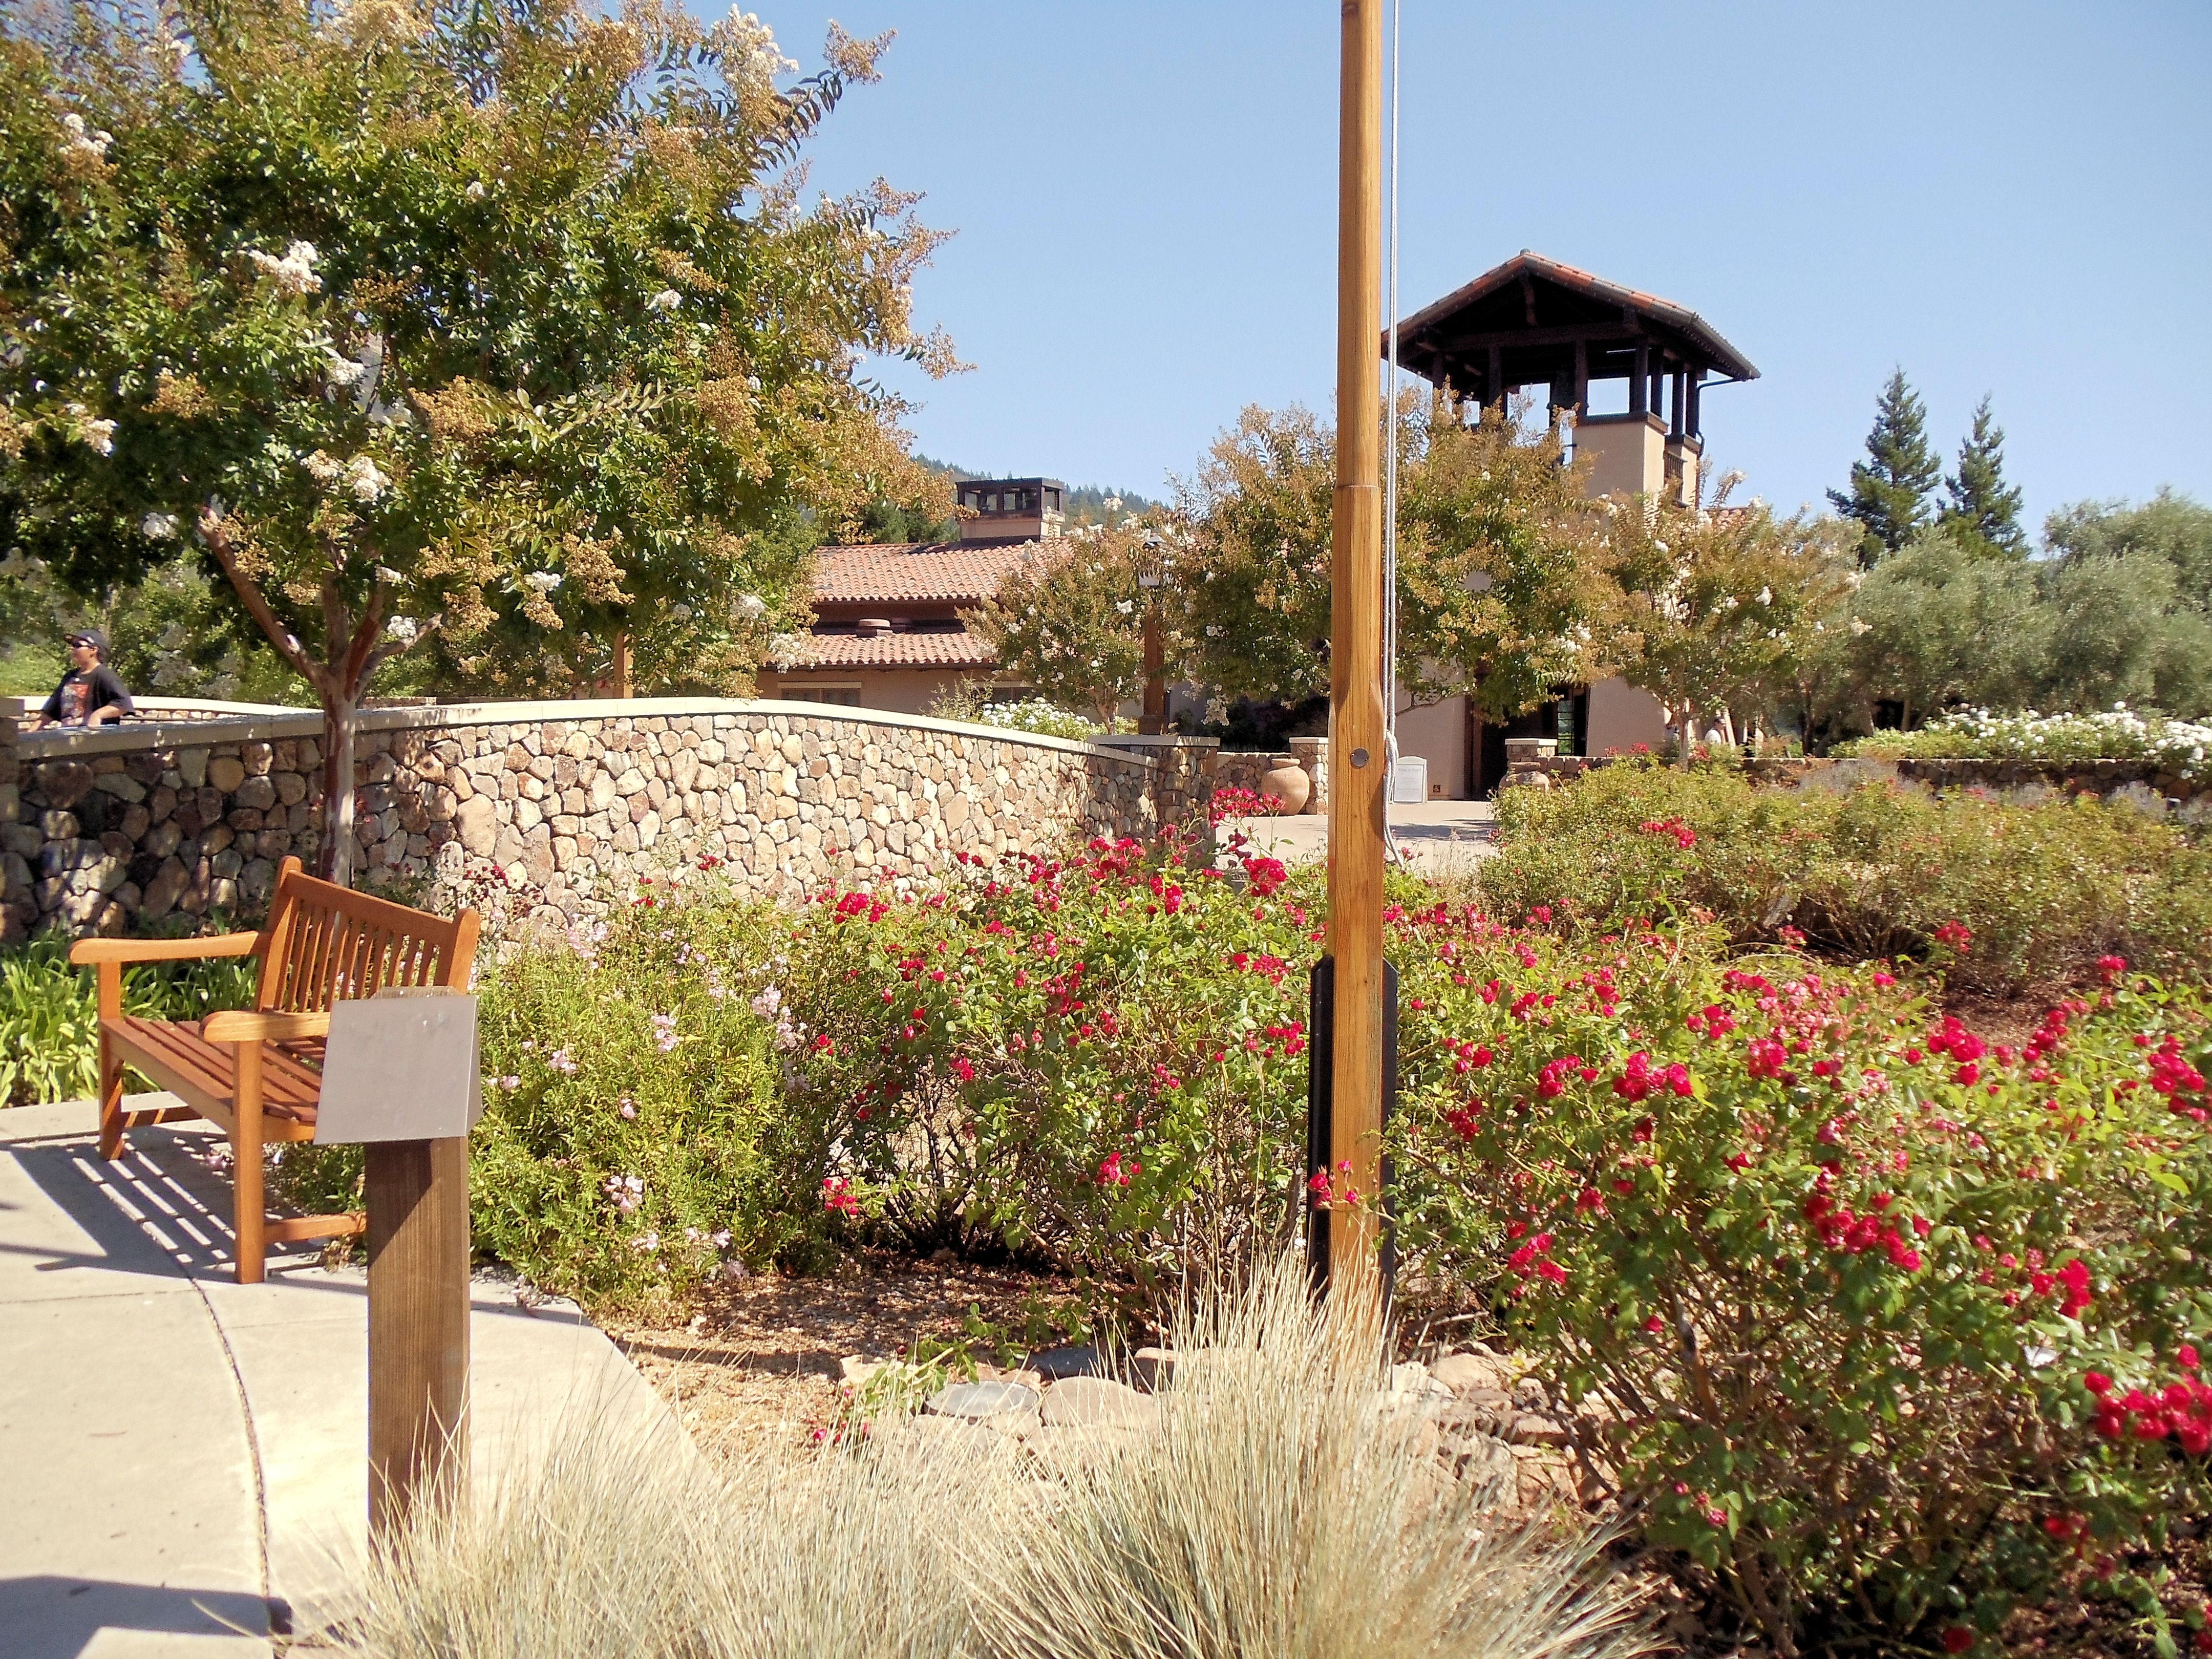 File:St. Francis Winery and Vineyard, Santa Rosa, California, USA ...